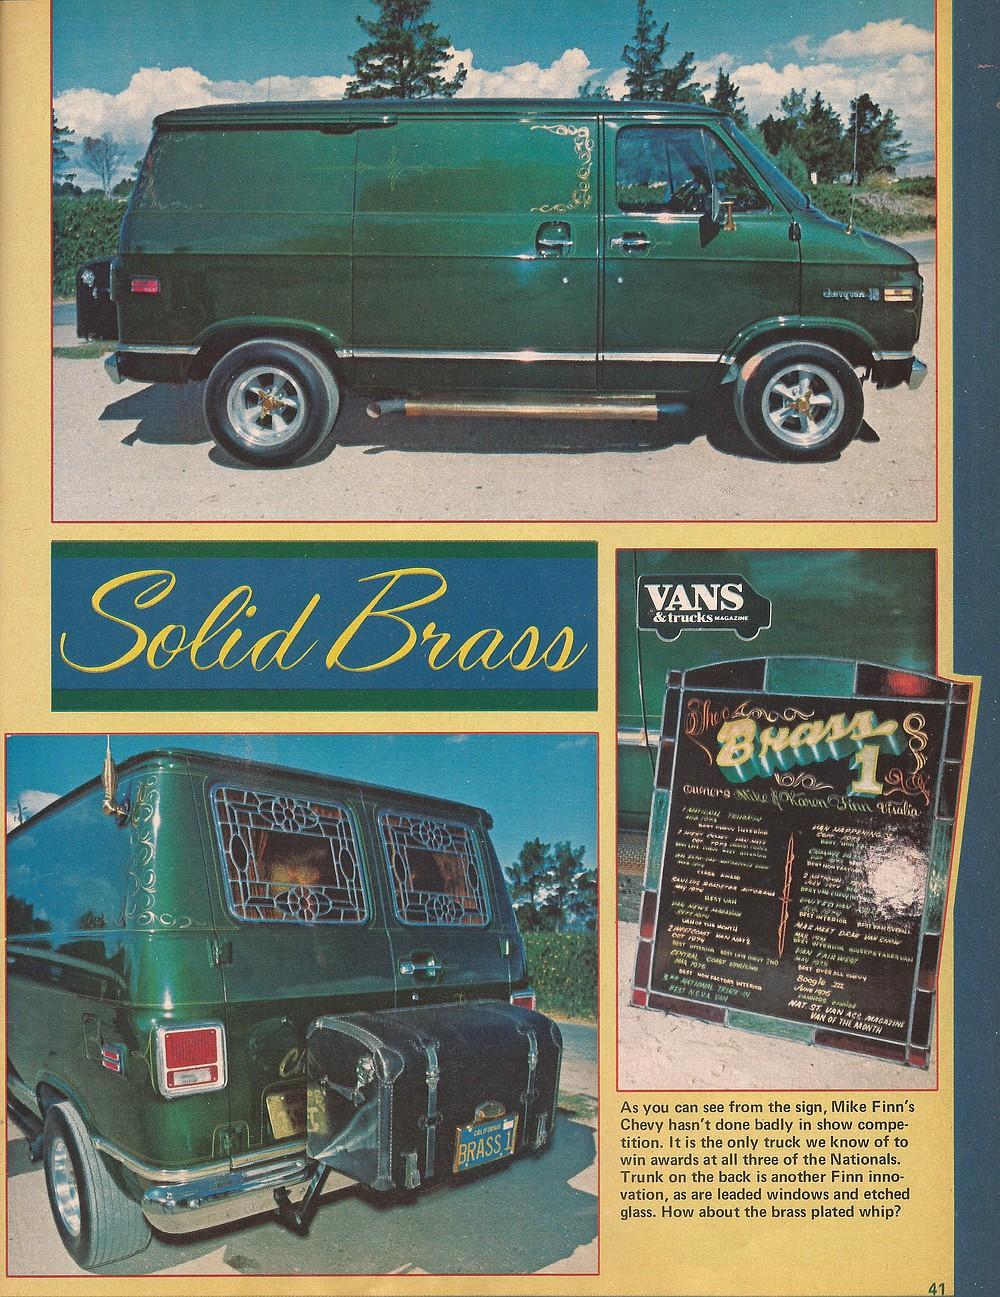 Stevens' van when it was featured in Vans & Truck Magazine in 1976.